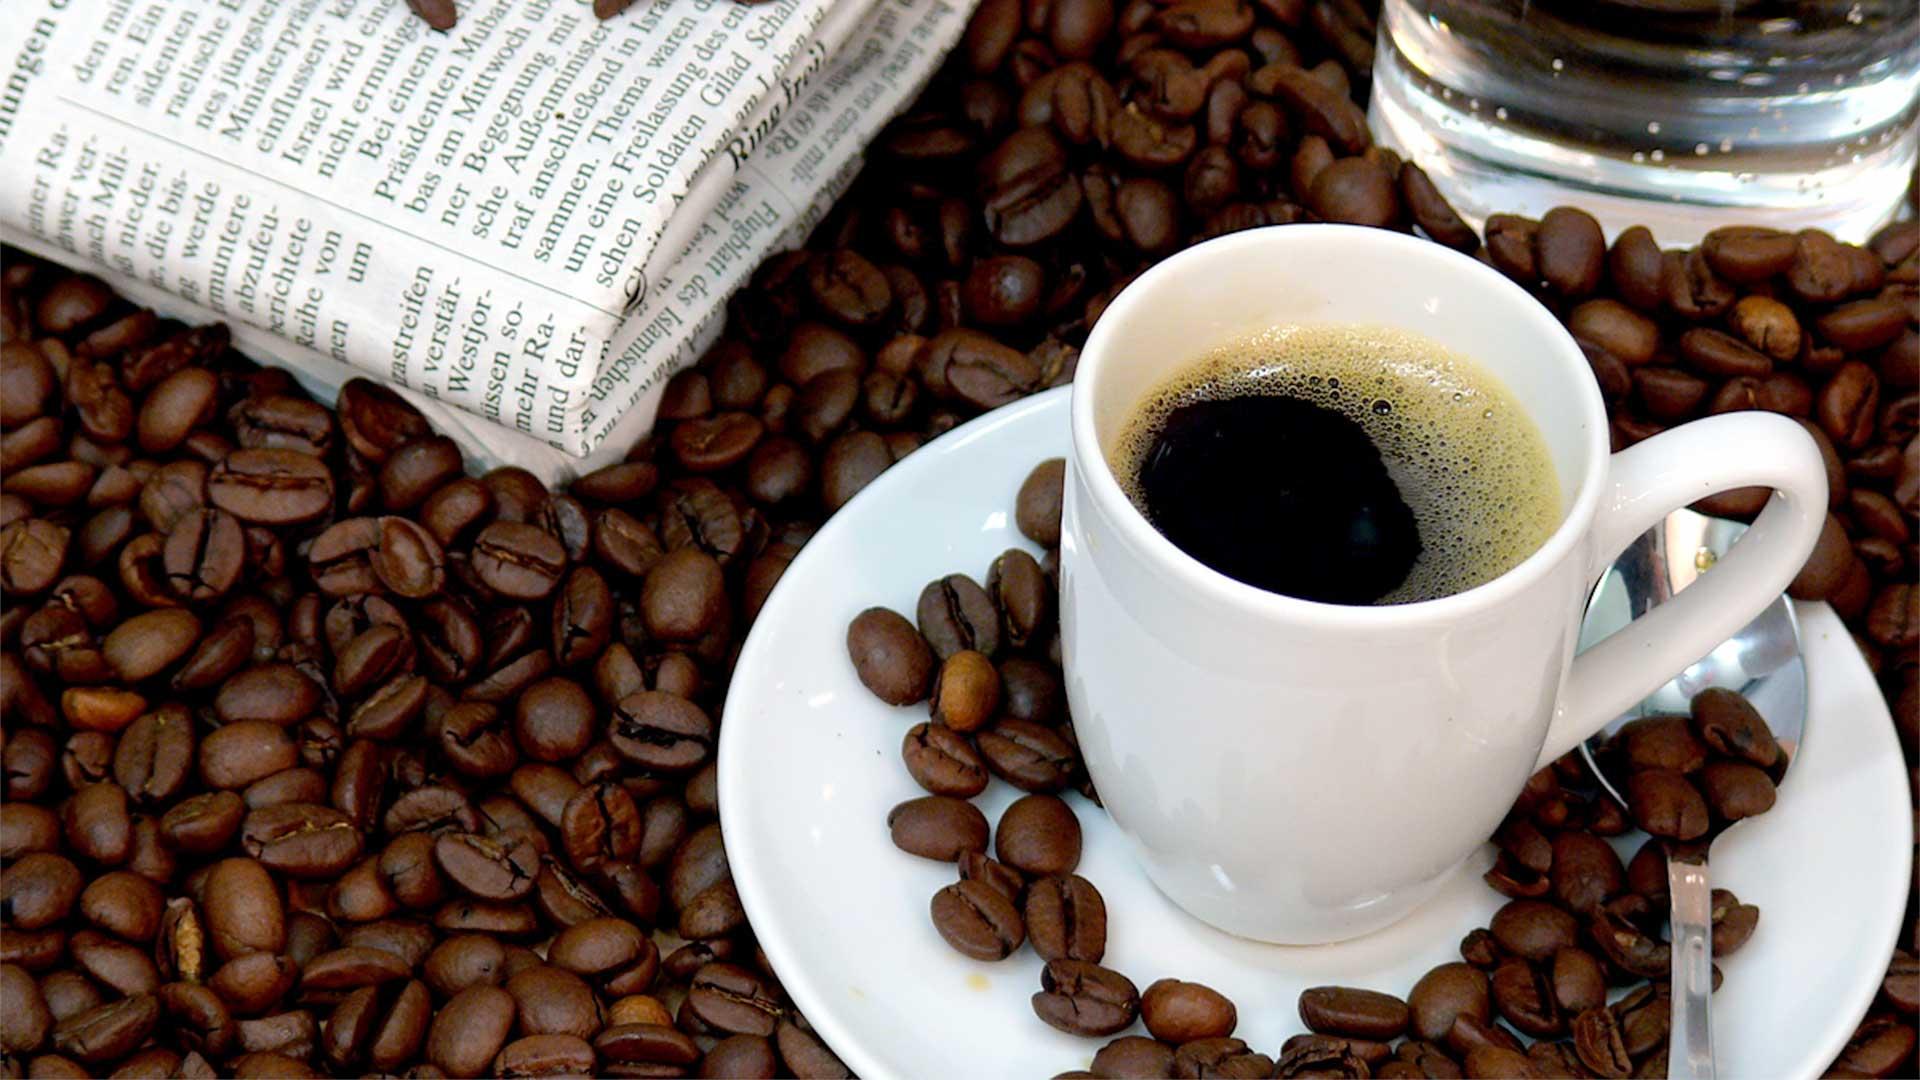 Чаша кафе върху плътен слой кафеени зърна и сгънат вестник отляво